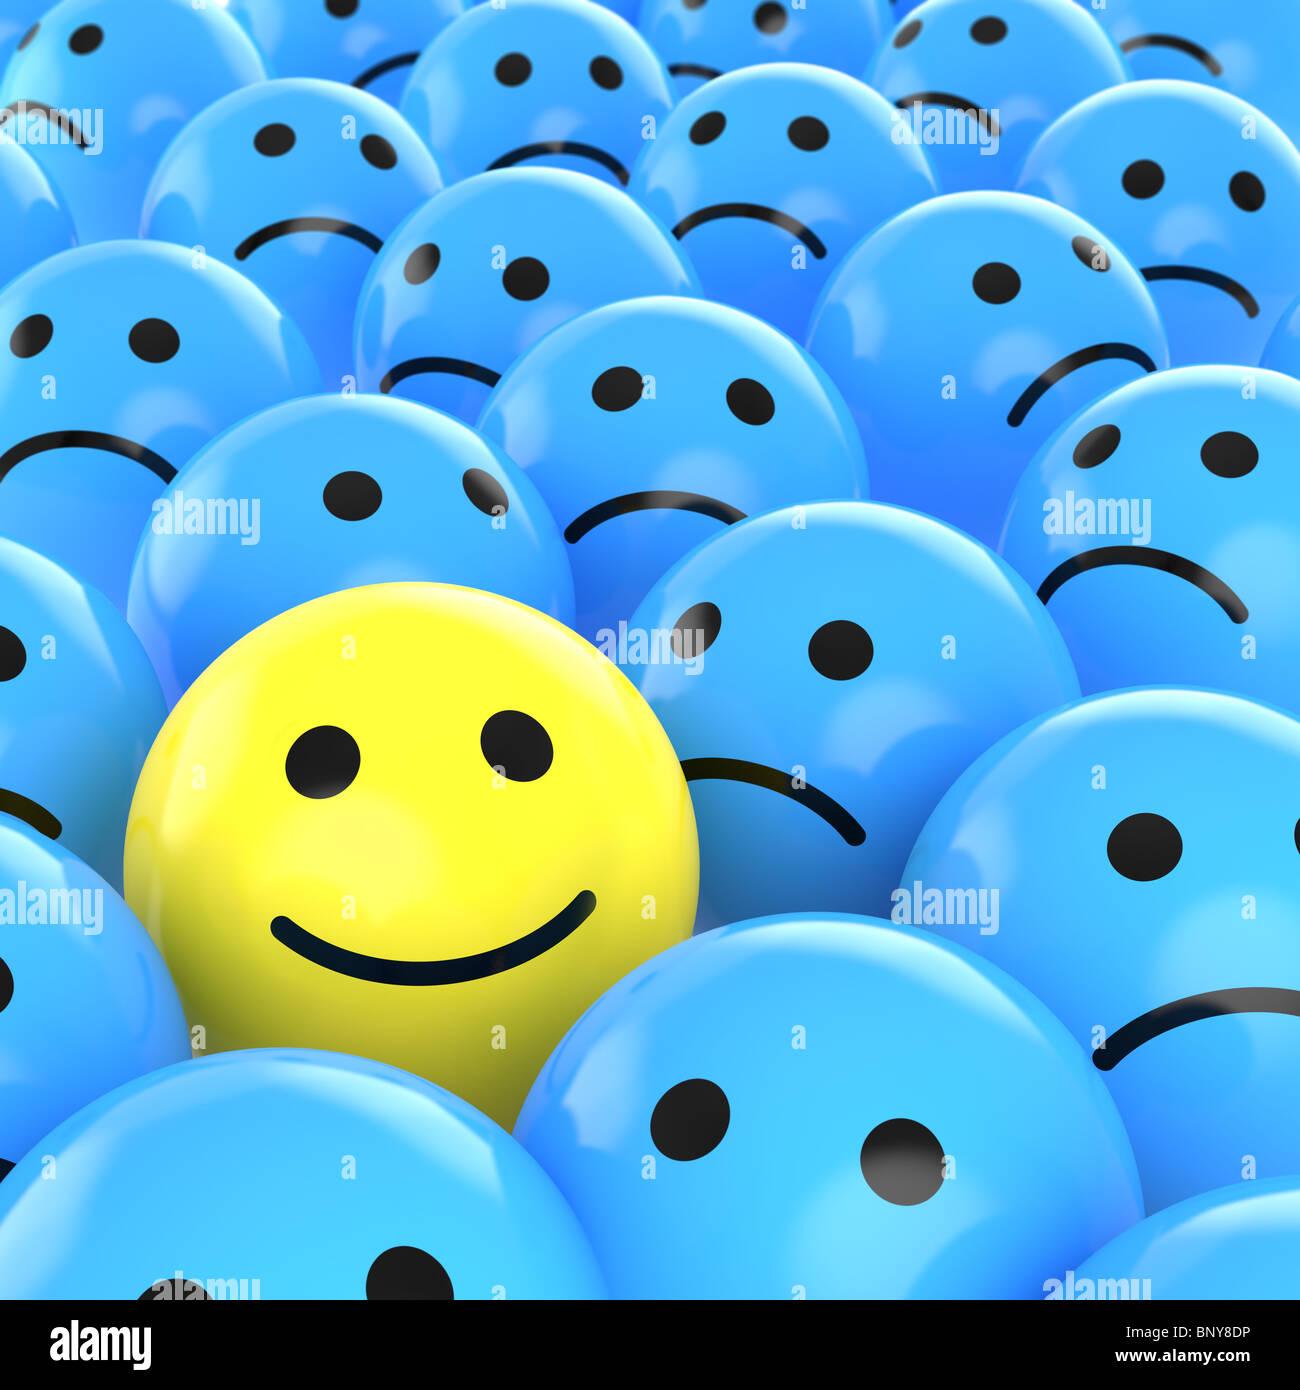 Un heureux smiley jaune bleu entre de nombreux autres triste comme concept pour unique, optimiste, positif, etc. Photo Stock